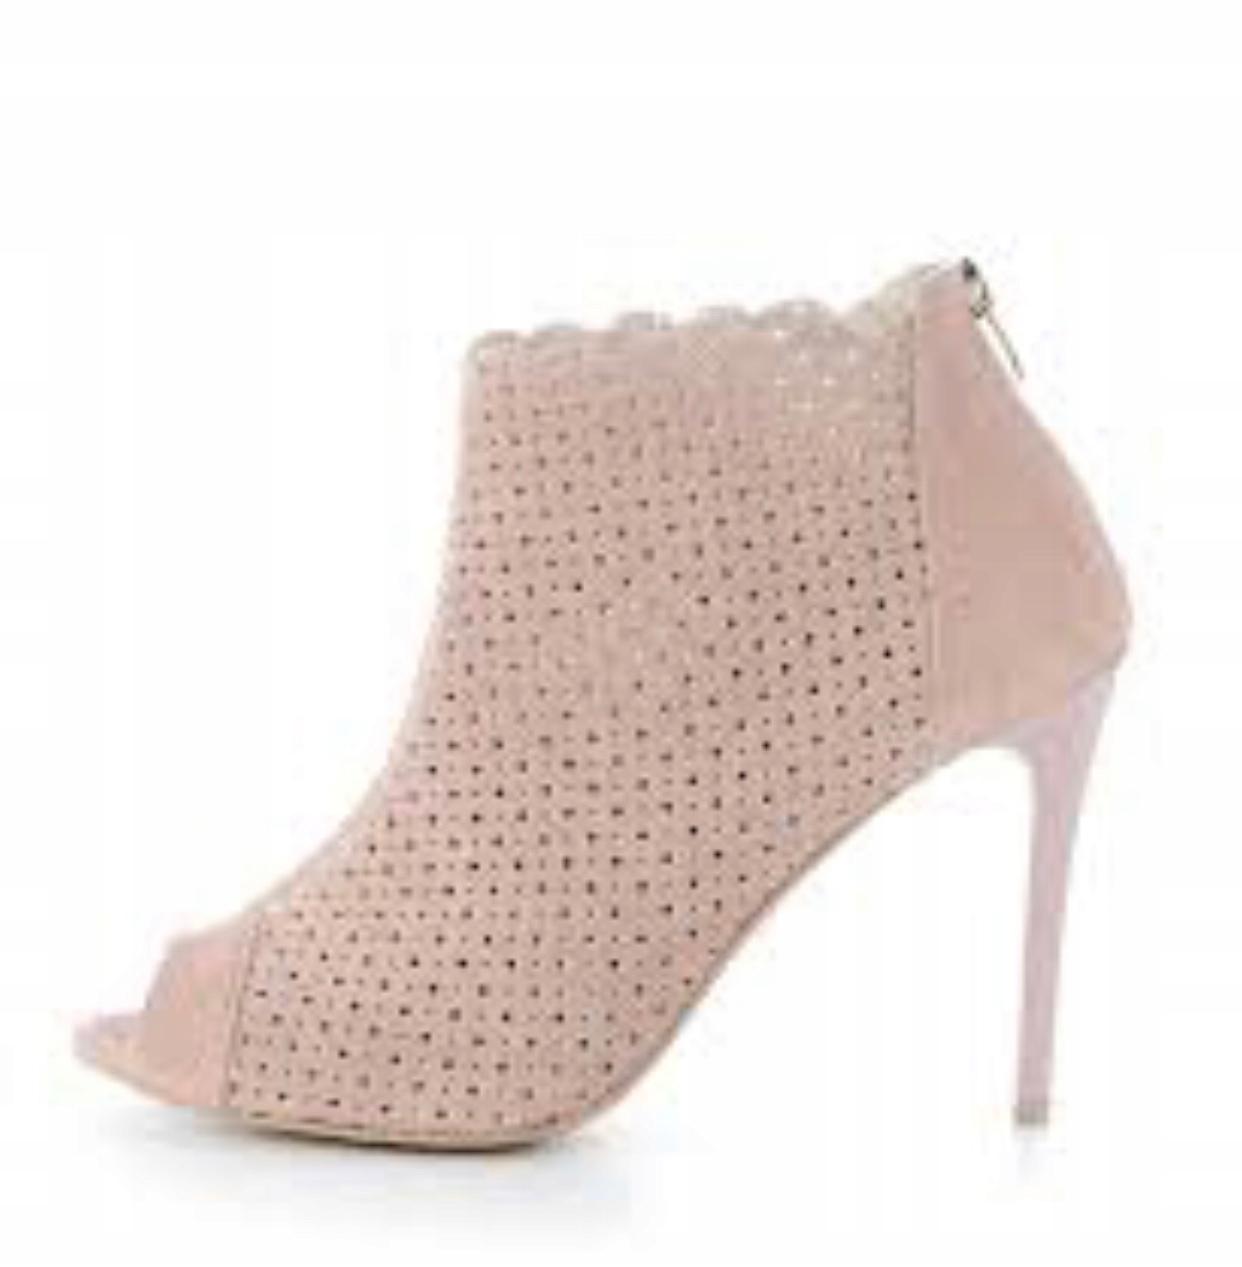 ef3228ae Prima Moda botki open toe ażurowe nude pink Siwiec - 7907659586 ...